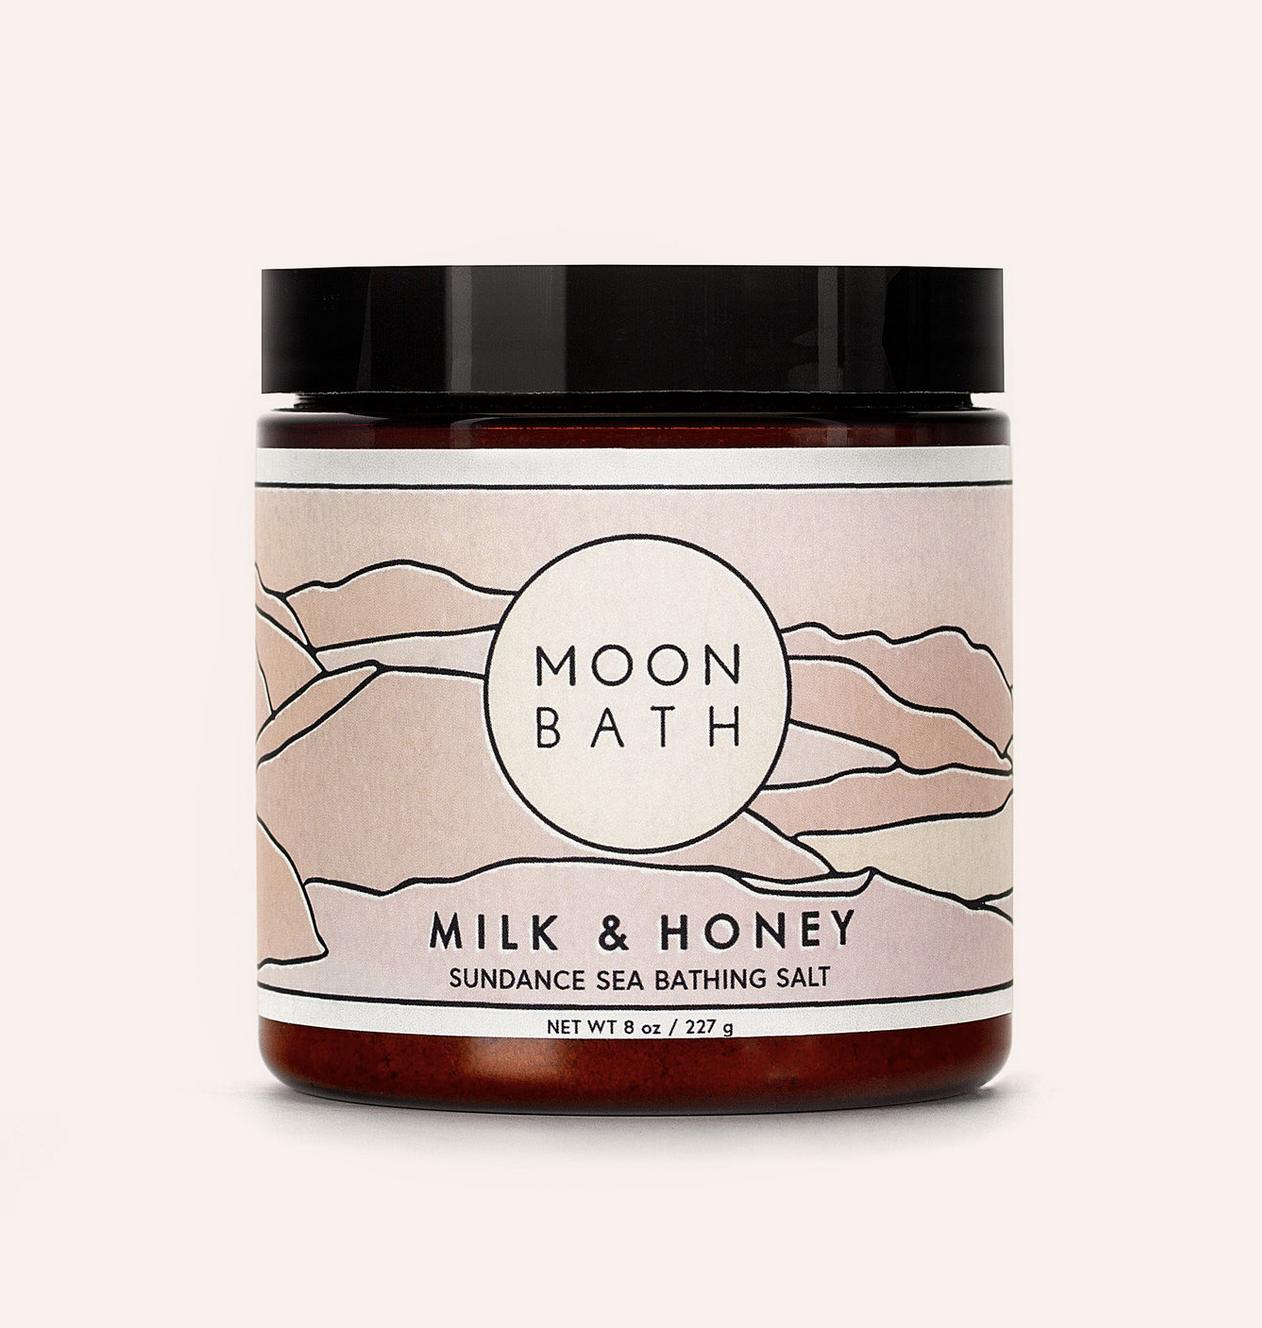 Moon Bath Milk & Honey Bath Salt